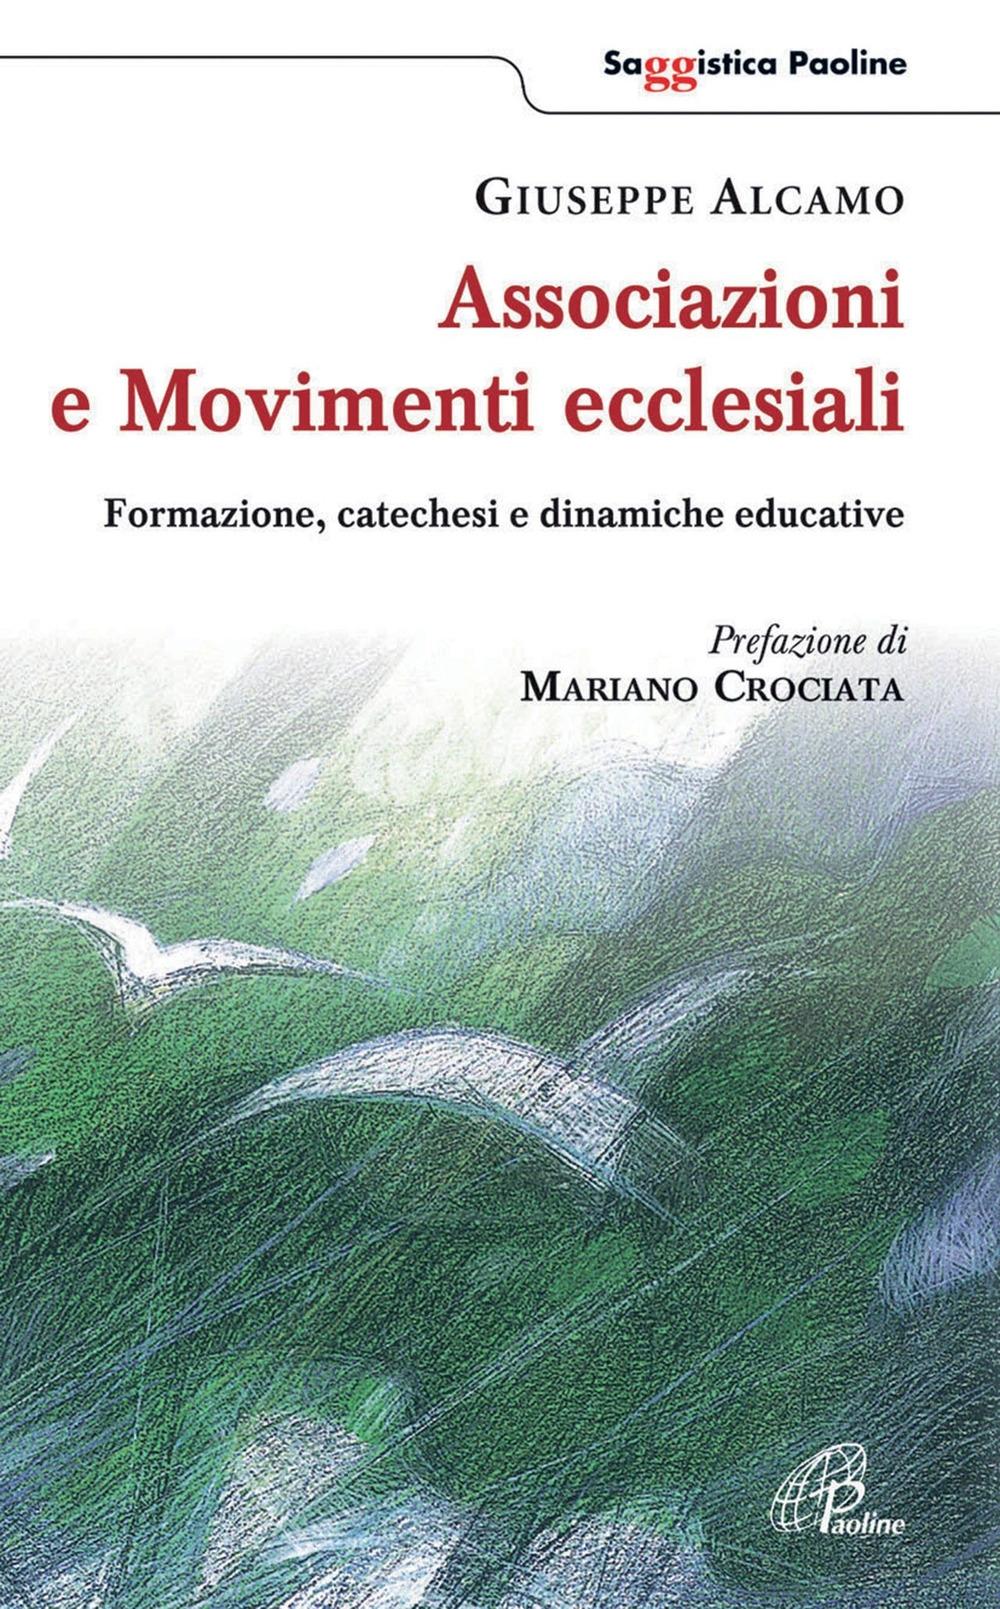 Associazioni e movimenti ecclesiali. Formazione, catechesi e dinamiche educative.